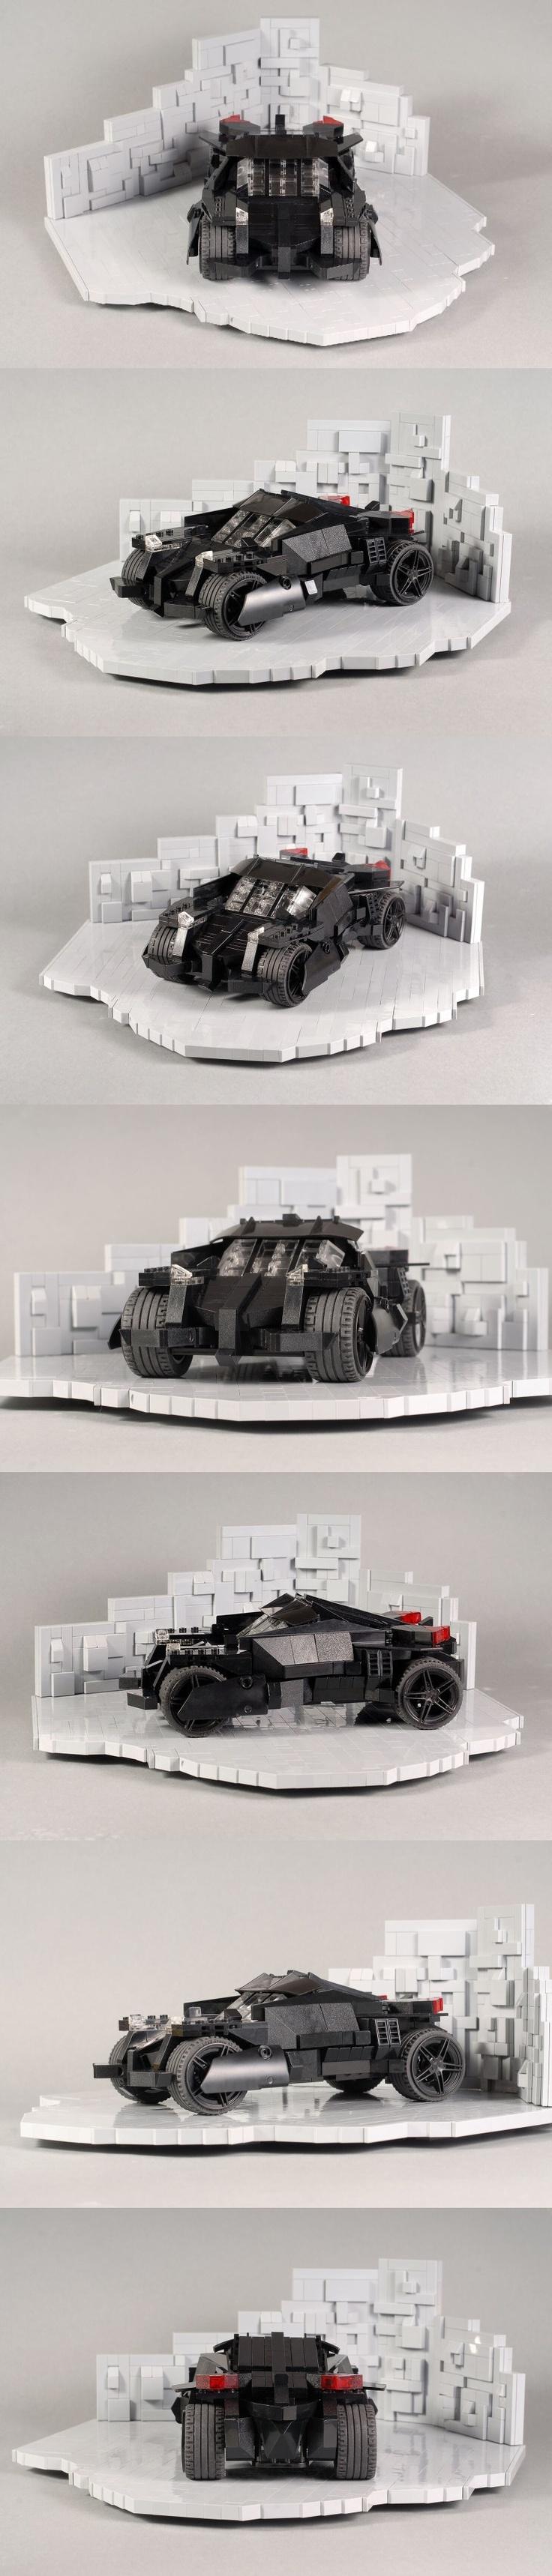 Batmobile of year 2025 #LEGO #Batmobile